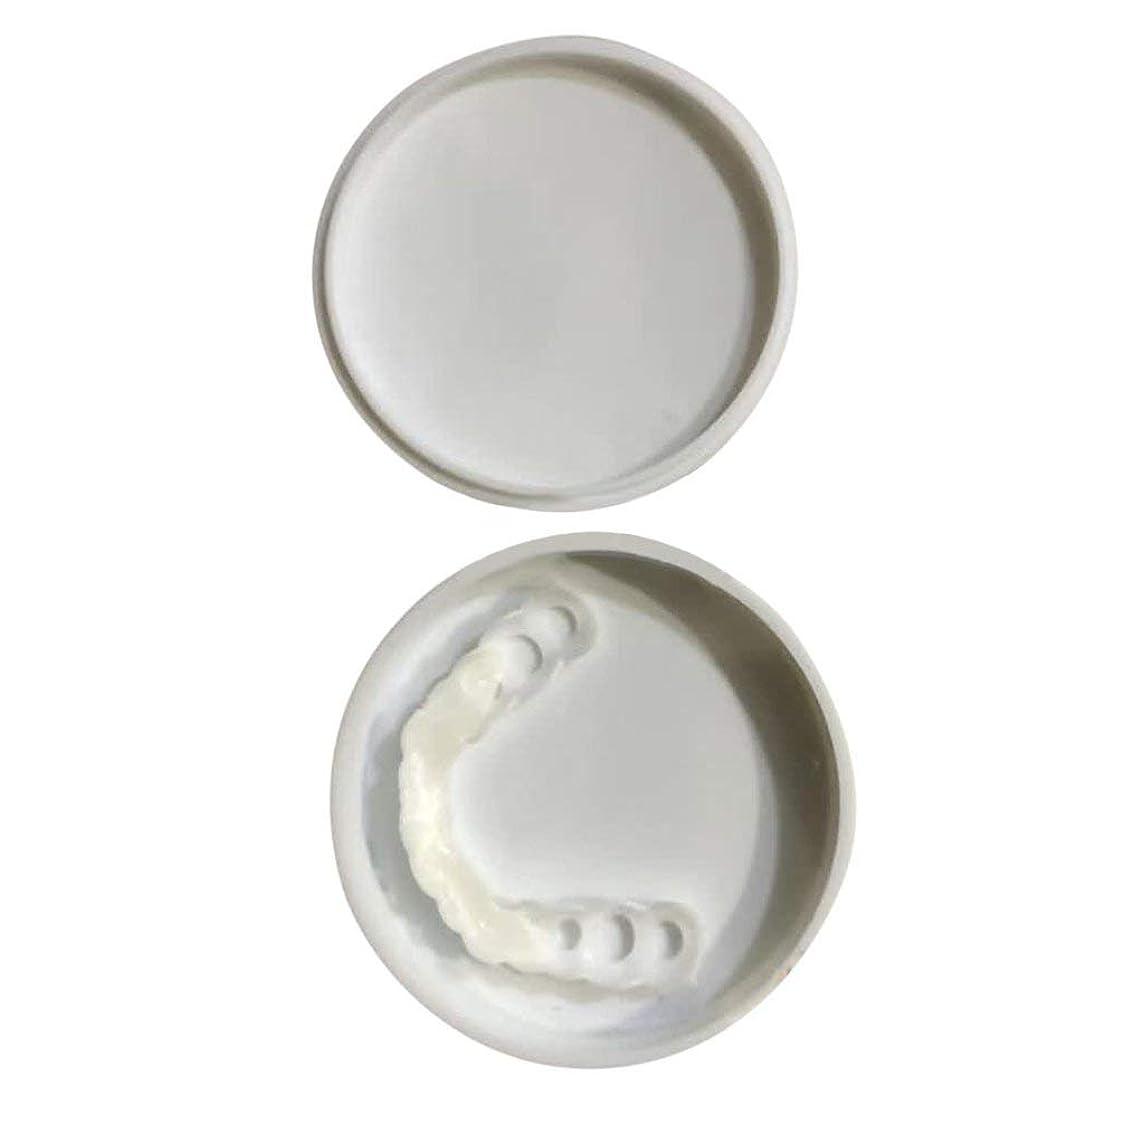 再び贈り物国民投票快適なスナップオン男性女性歯インスタントパーフェクトスマイルコンフォートフィットフレックス歯フィットホワイトニング笑顔偽歯カバー - ホワイト